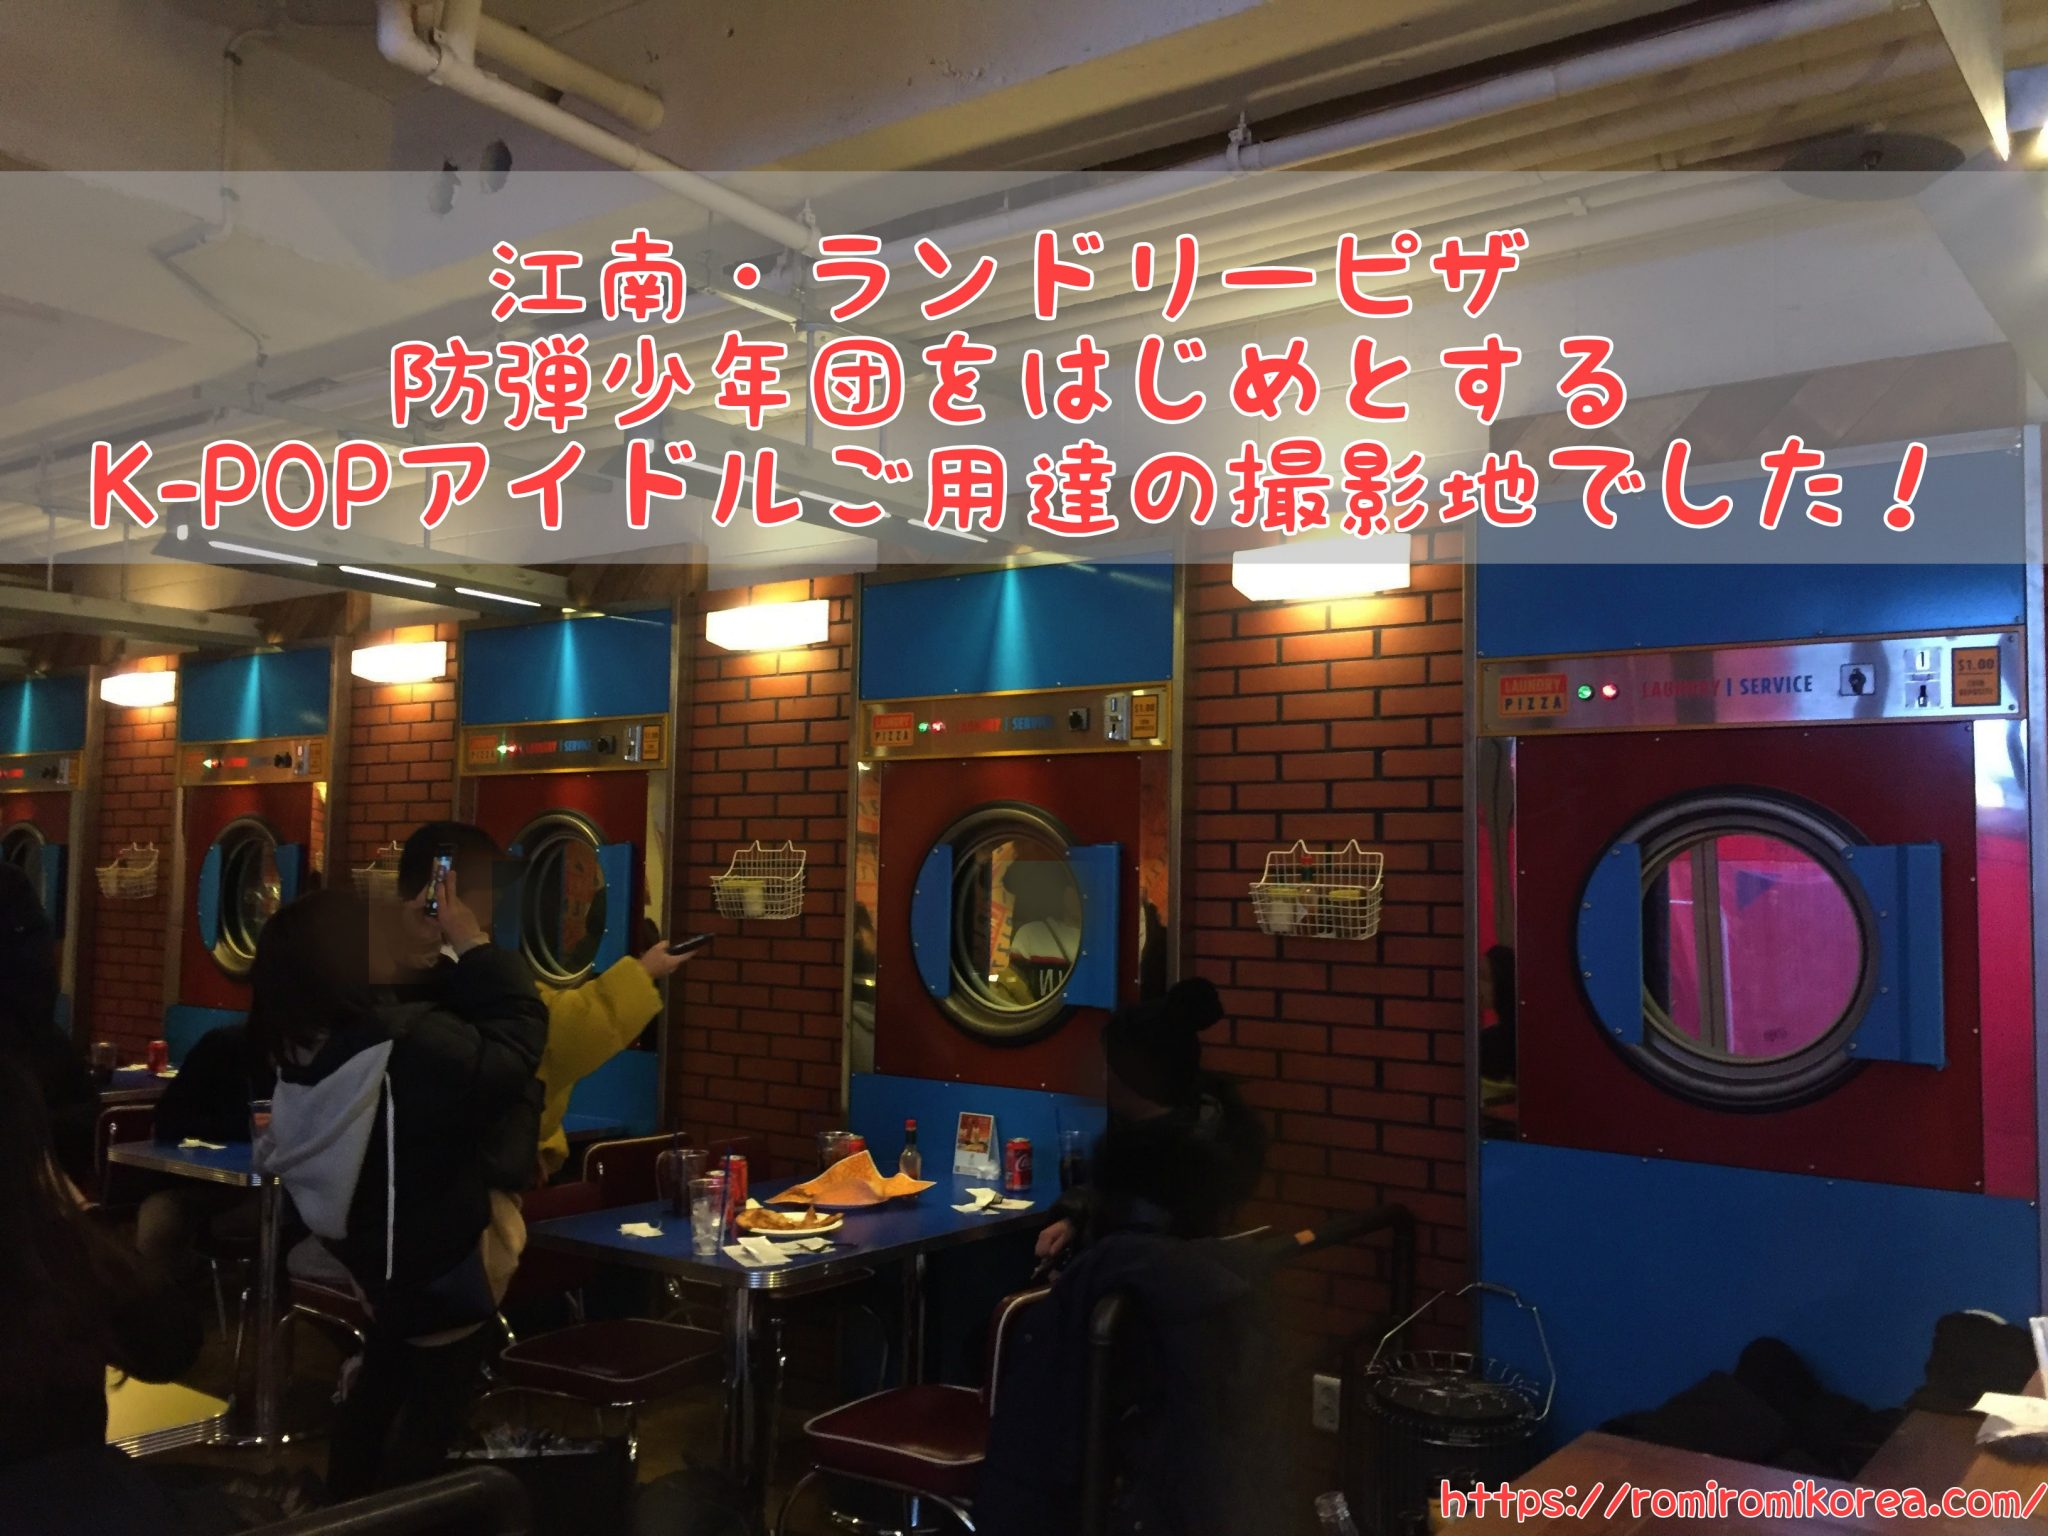 【ヲタ活】江南・ランドリーピザは、防弾少年団をはじめとするK-POPアイドルご用達の撮影地でした!